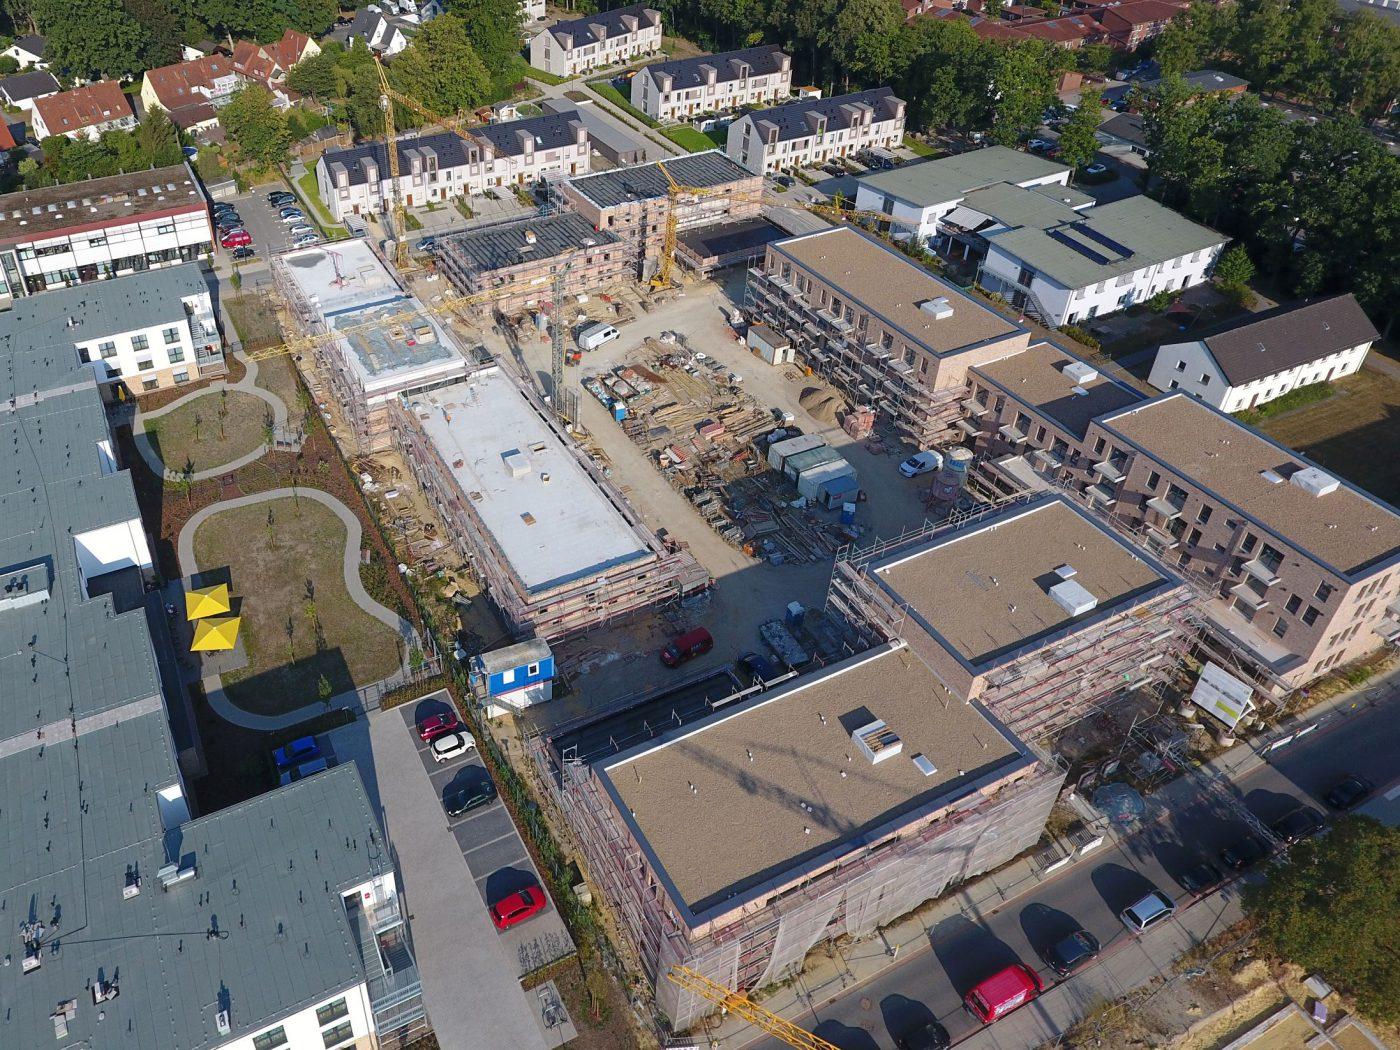 Wabe-Plan Architektur Lesum Park Wohnungsbau Bremen, Baustelle